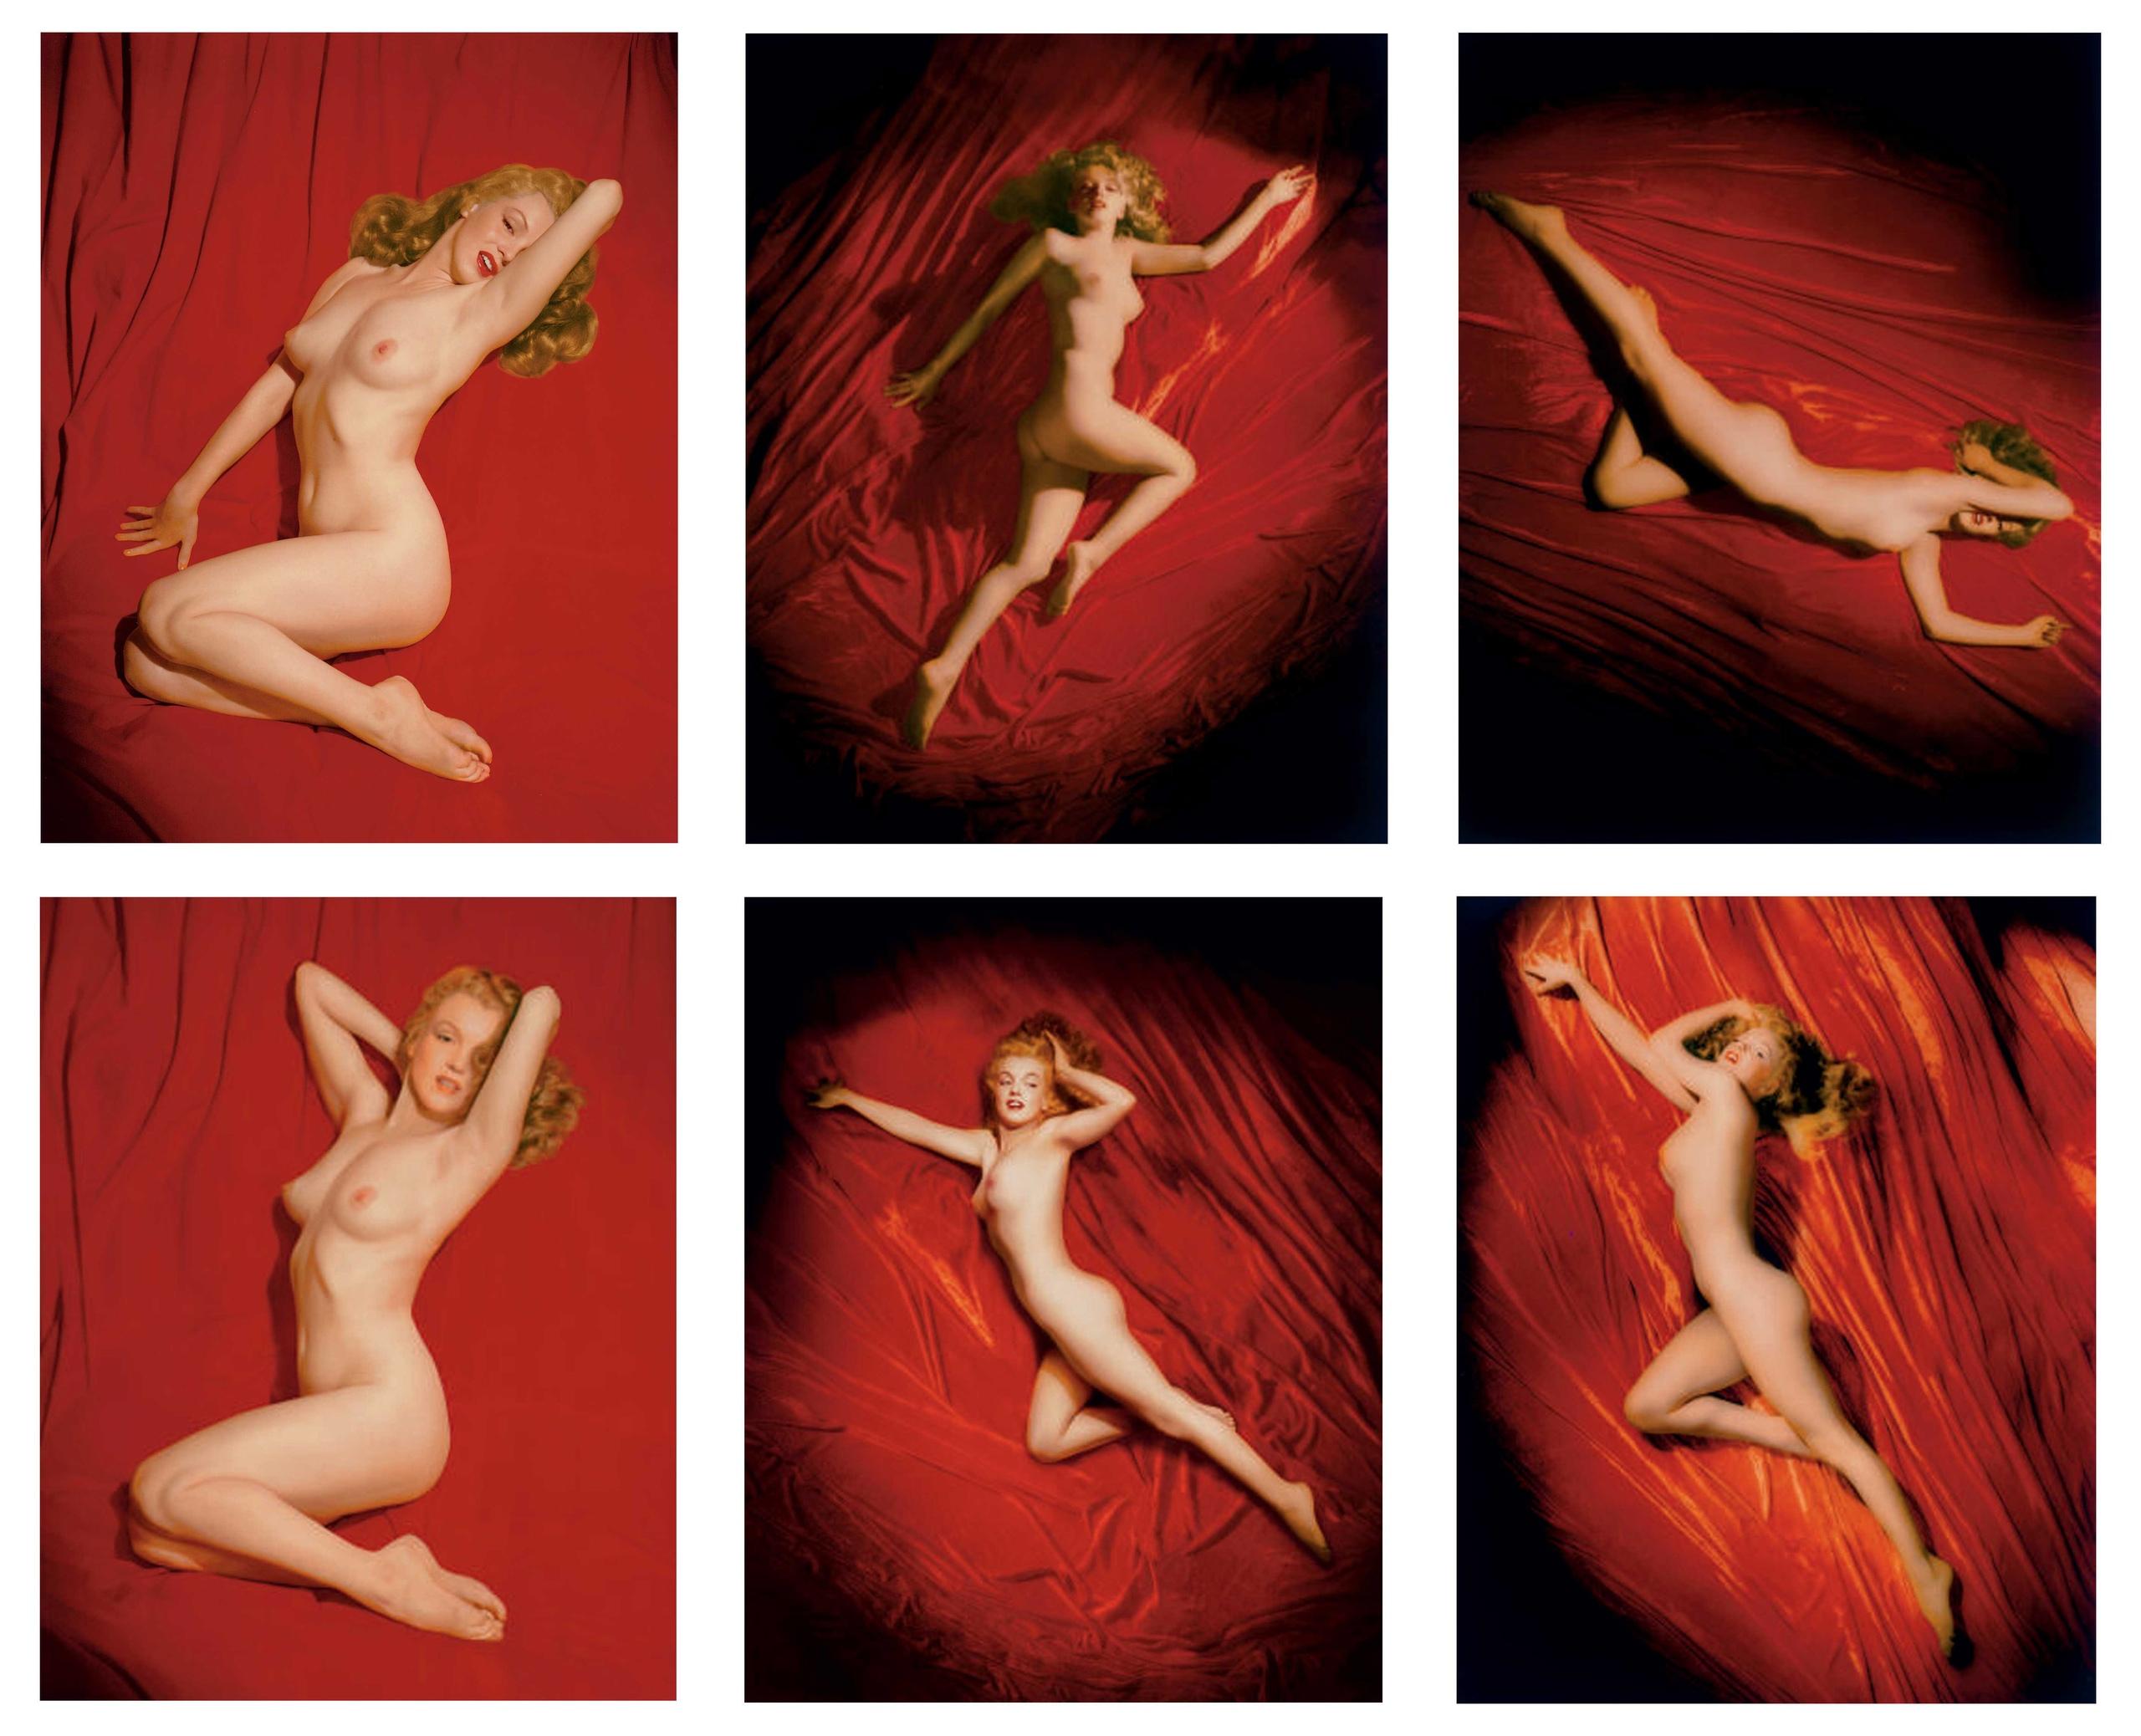 Aventuras na História · O escândalo por trás das fotos de Marilyn Monroe  para a Playboy